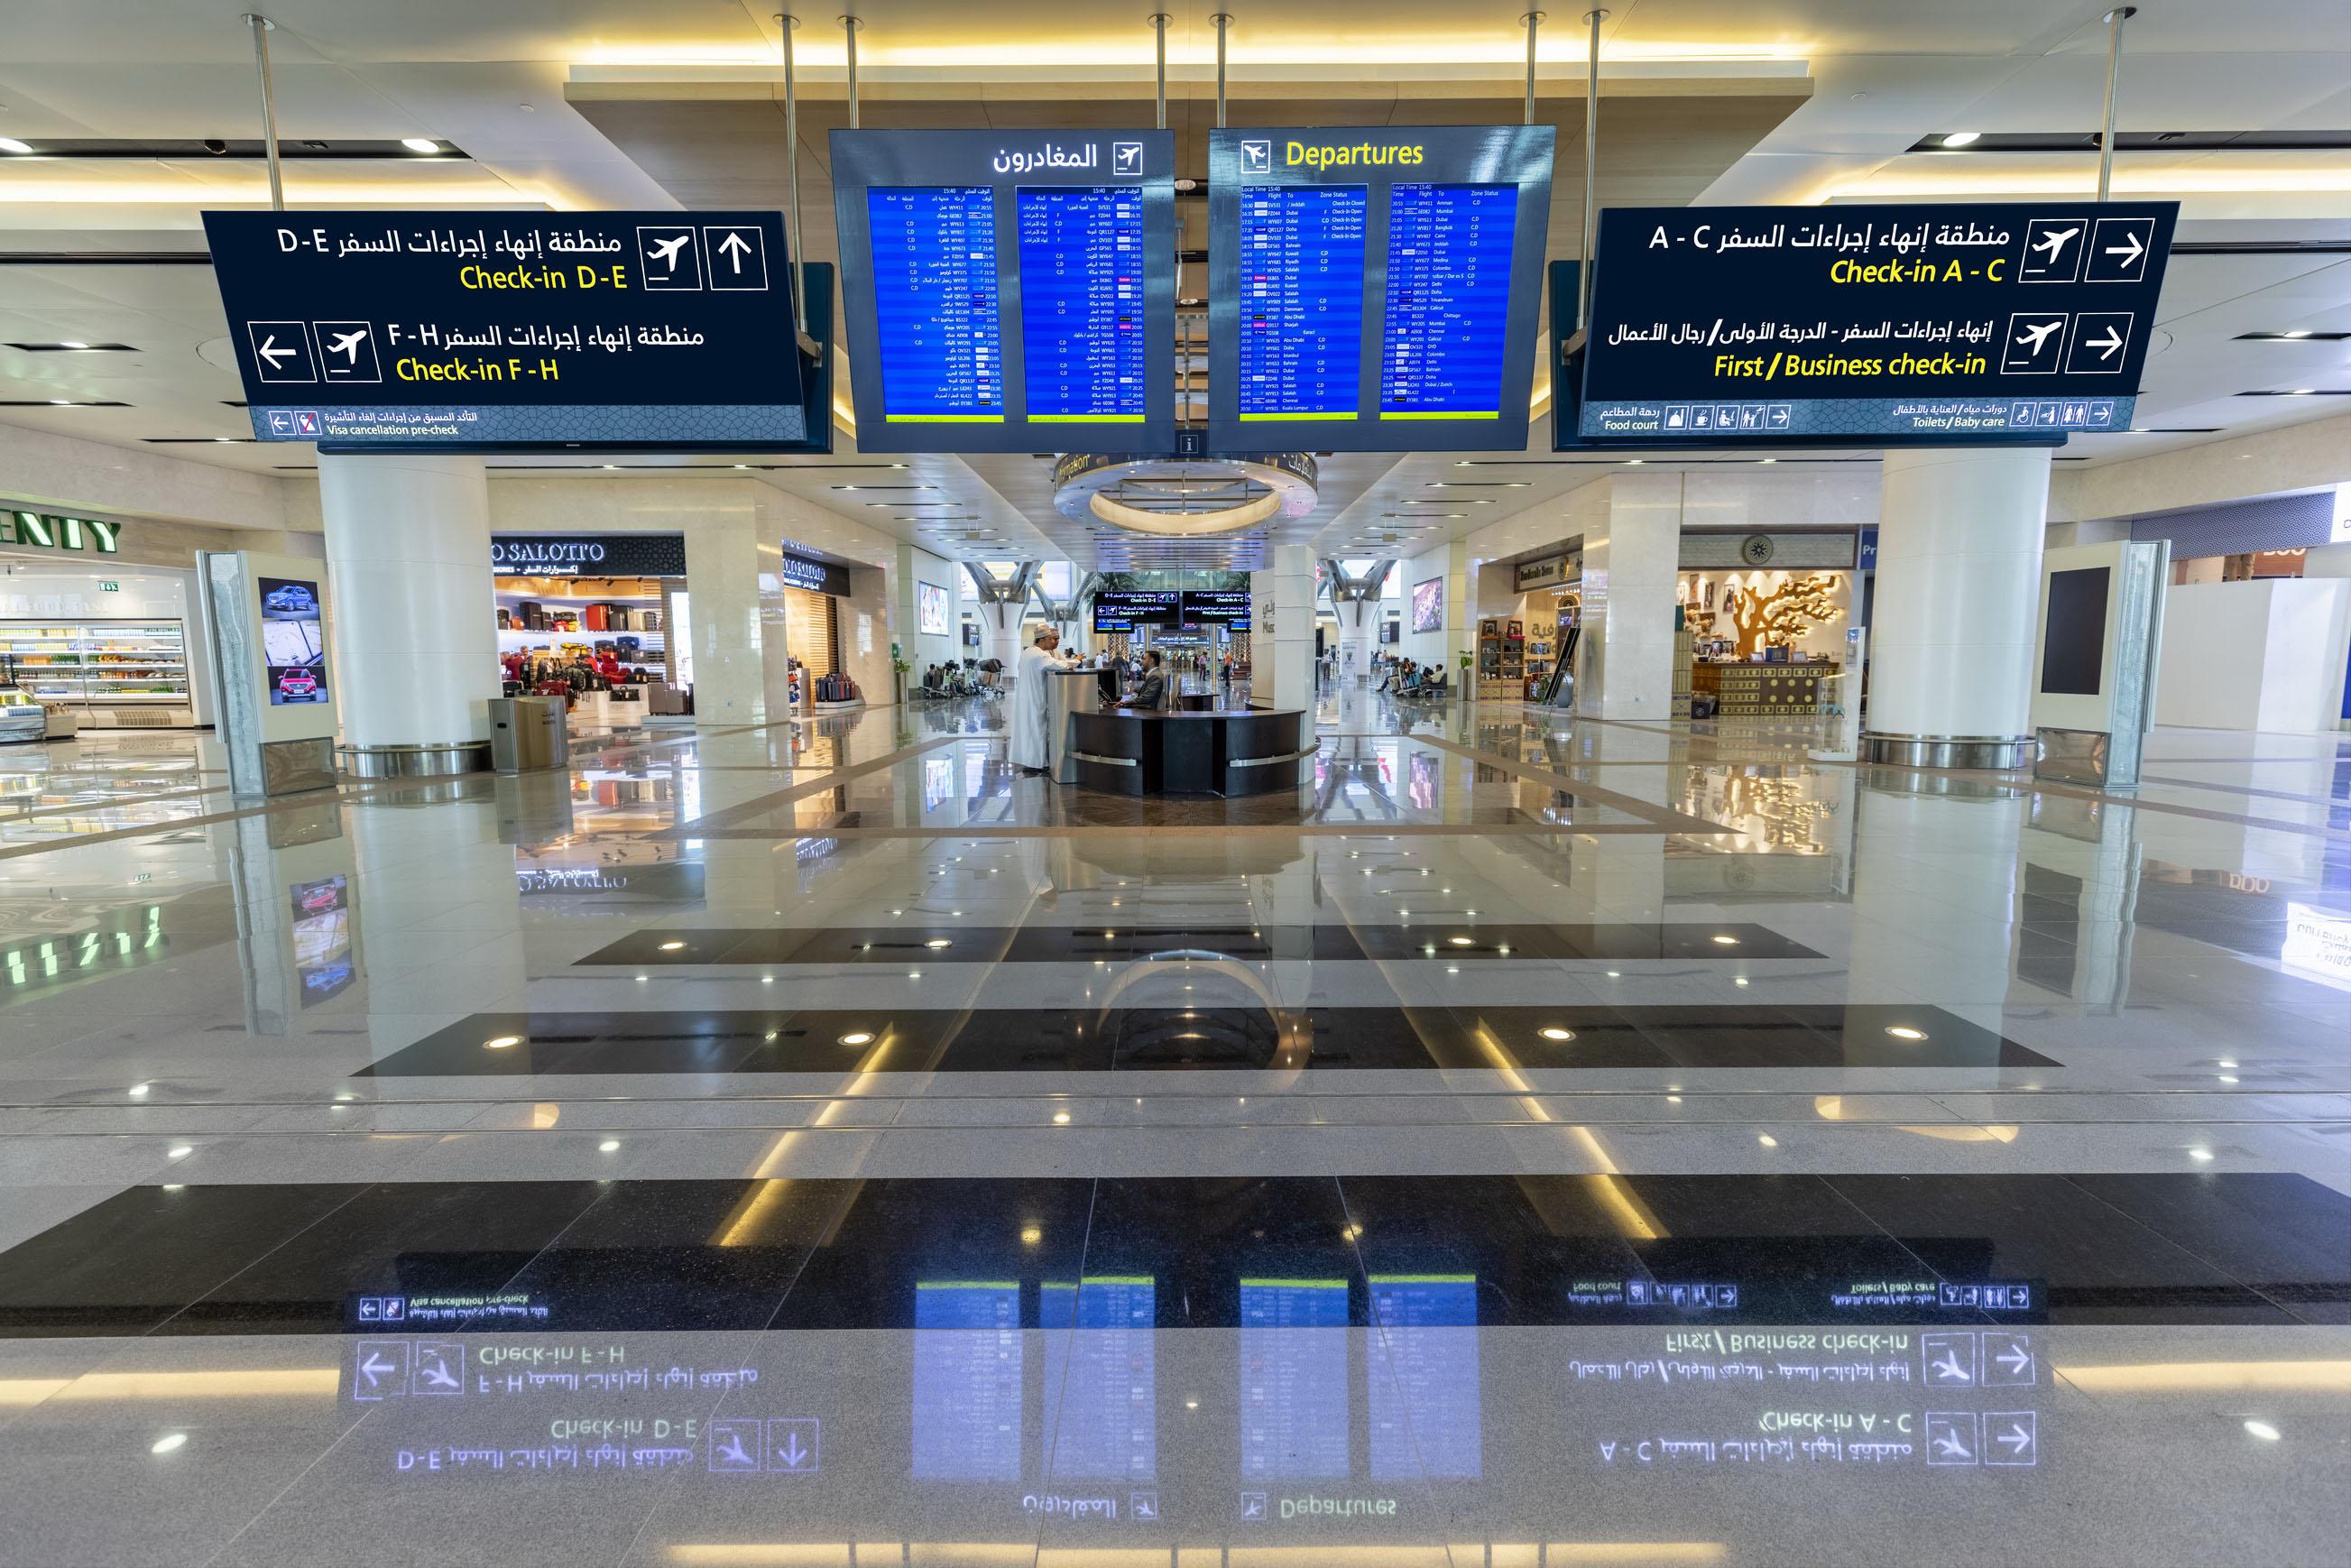 مطار مسقط الدولي يتصدر قائمة أسرع المطارات نمواً في الشرق الأوسط في رضى المسافرين